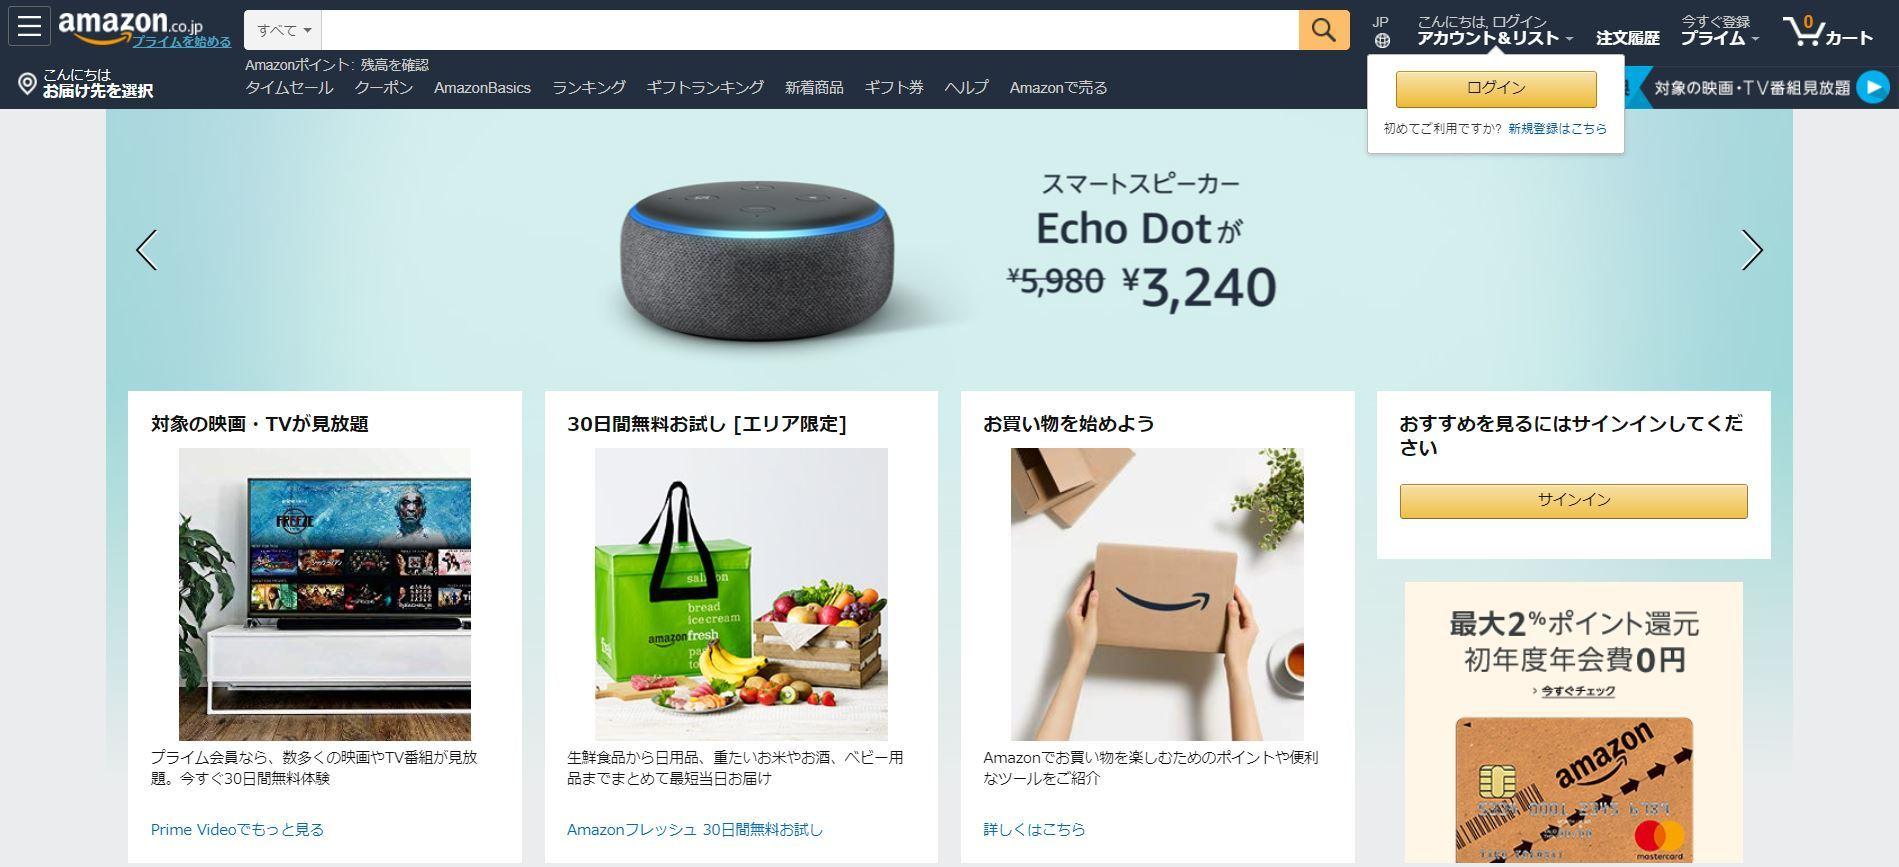 Amazon ログイン 履歴